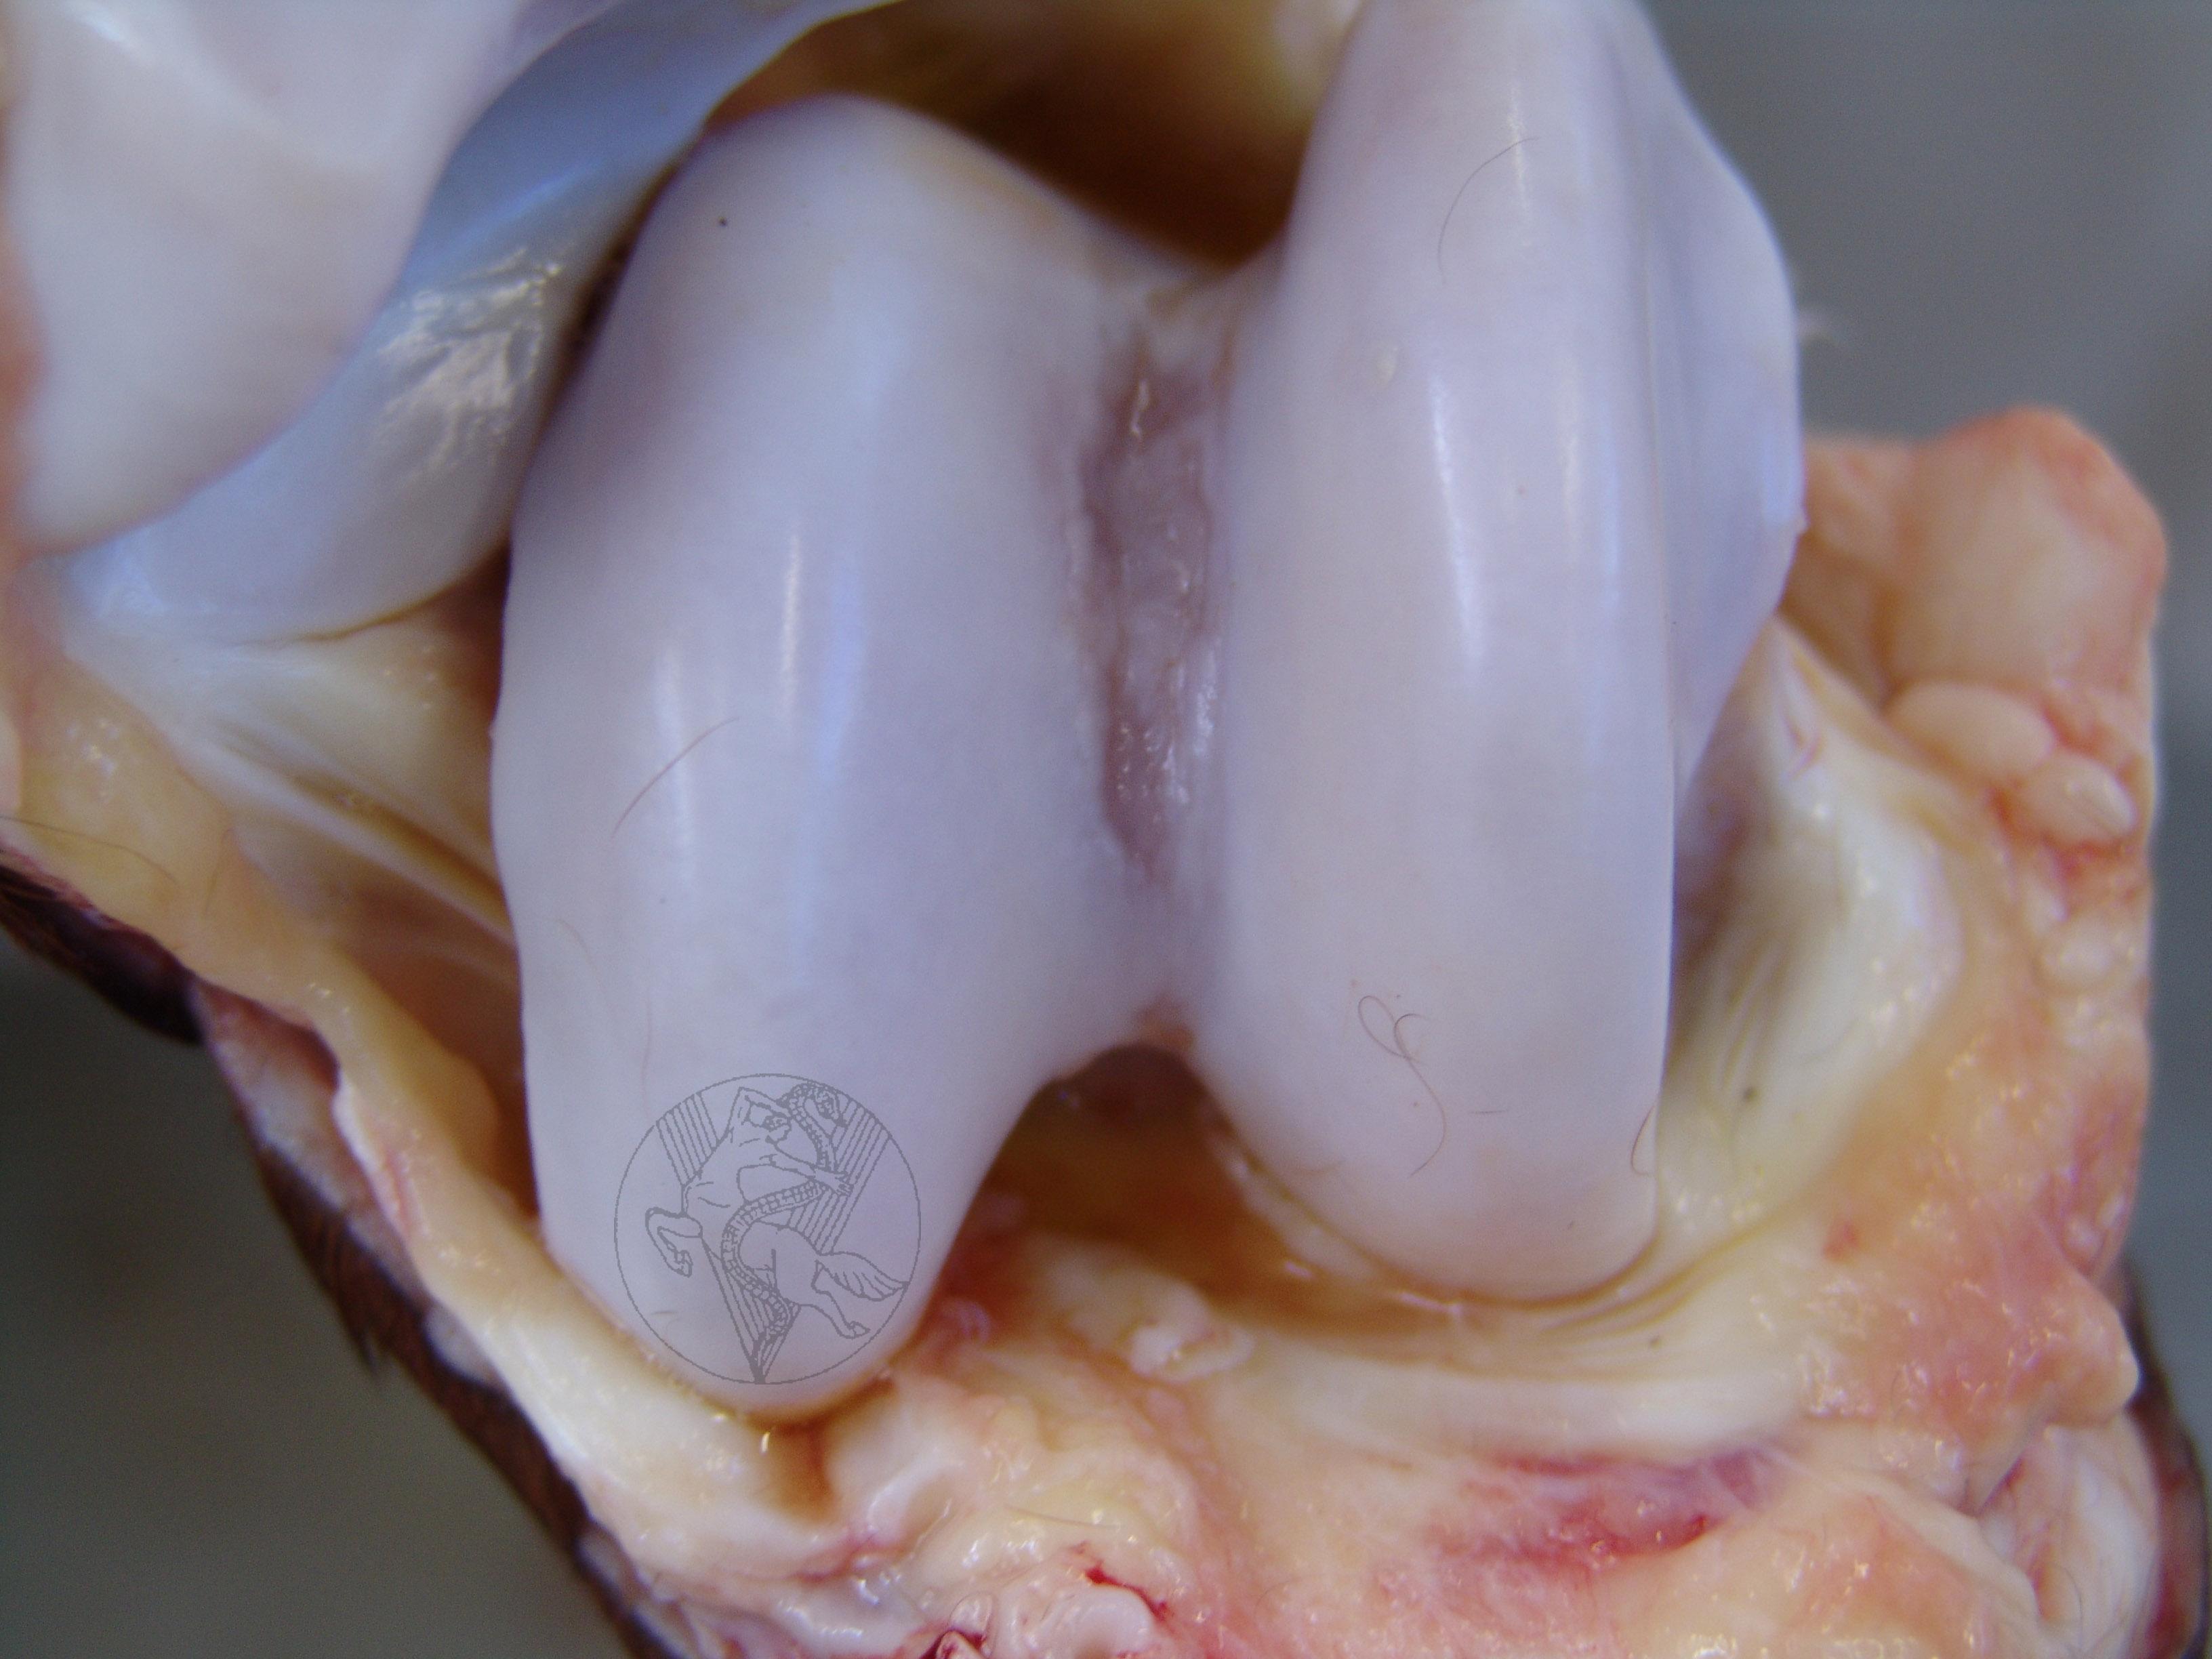 kenőcső hellebore-nal az osteochondrozistól